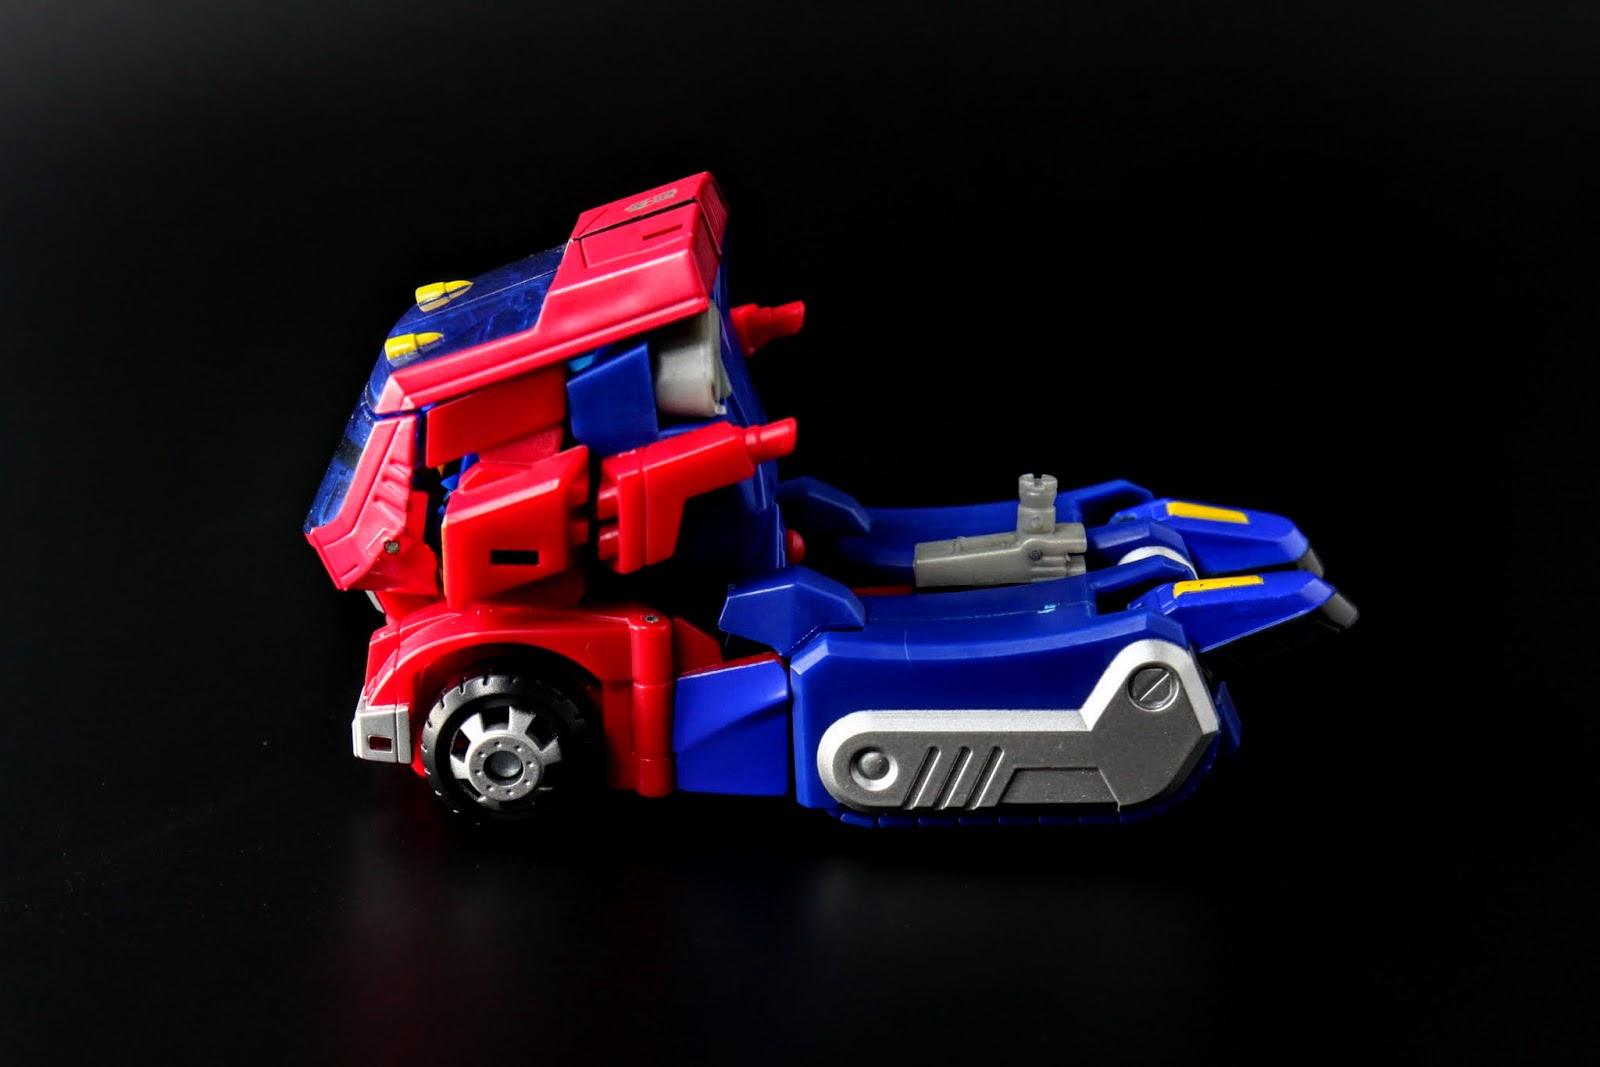 載具車體結構很穩固,造型也很優秀